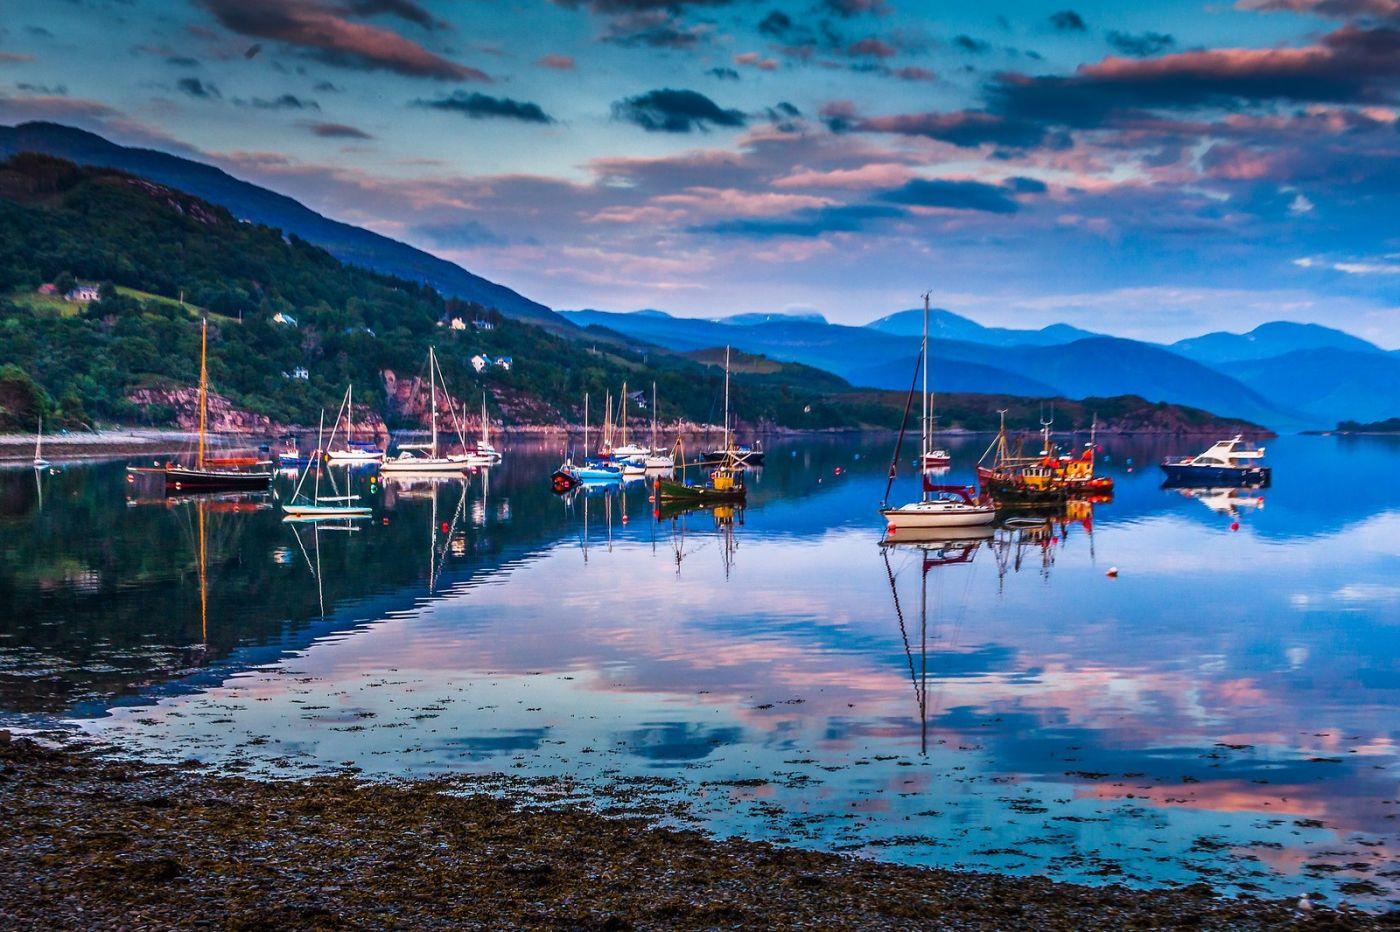 苏格兰阿勒浦(Ullapool),如镜的湖面_图1-3